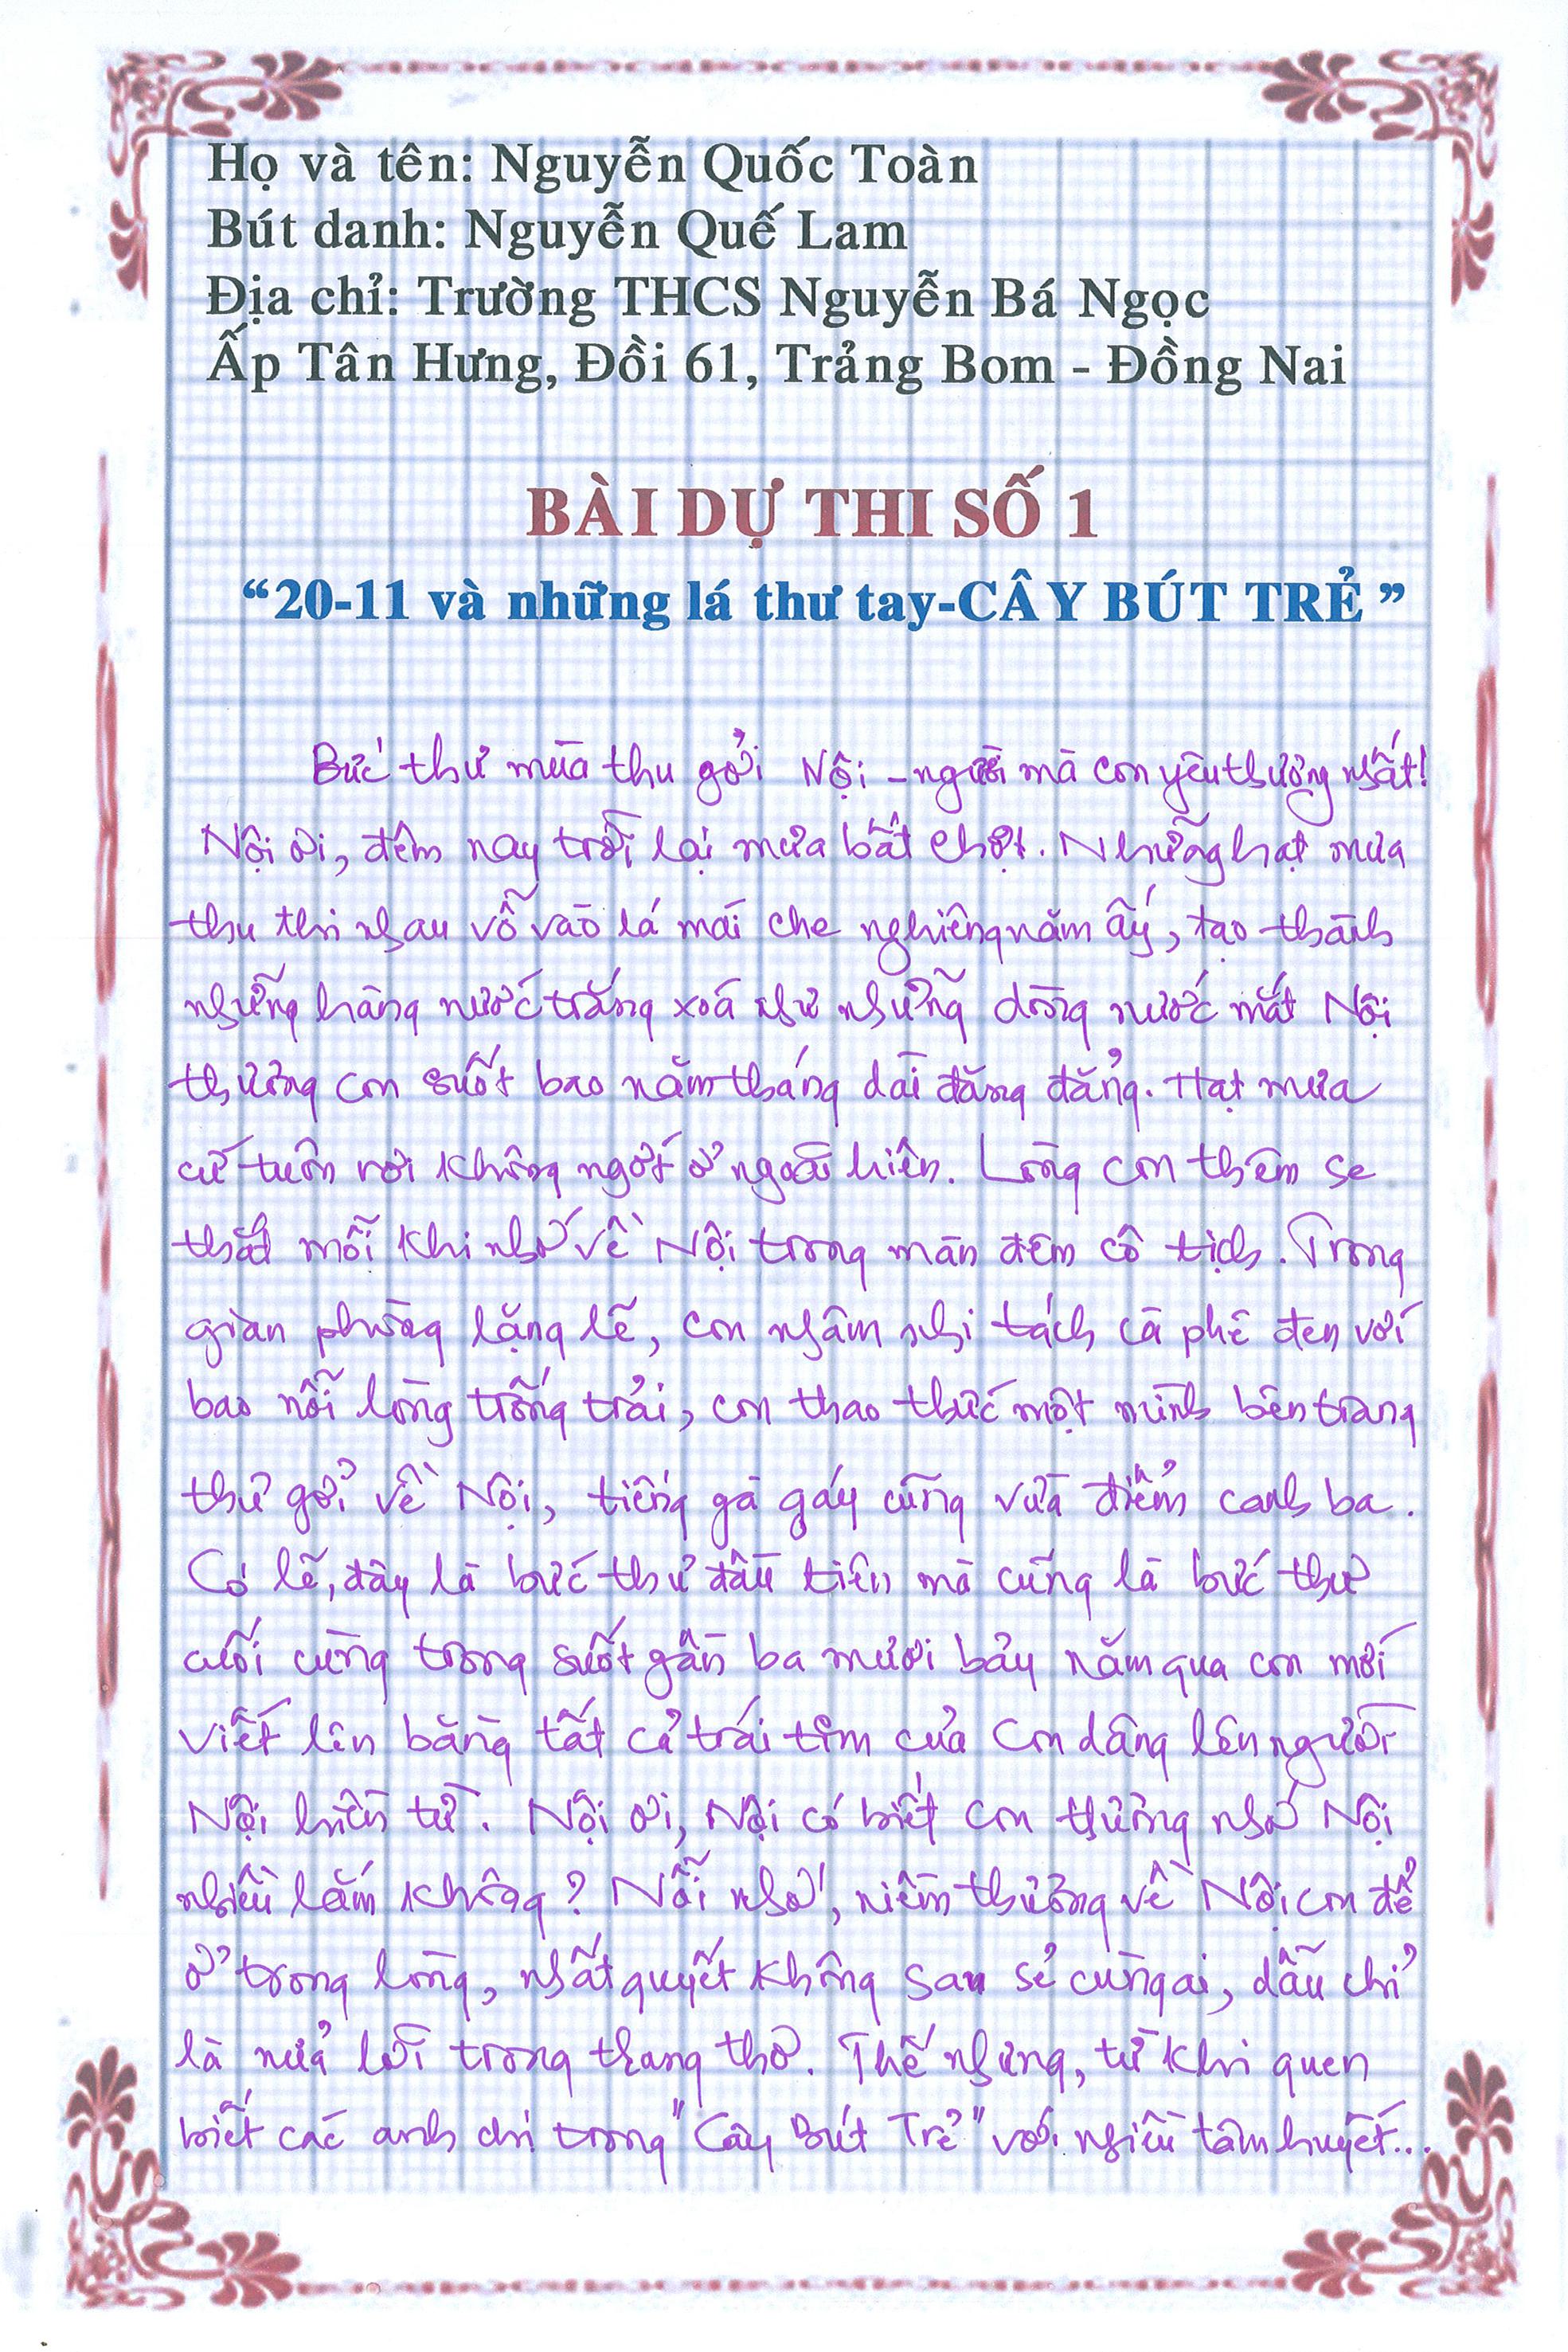 1 4 - [20/11 và những lá thư tay]: Bức thư mùa thu gửi Nội...